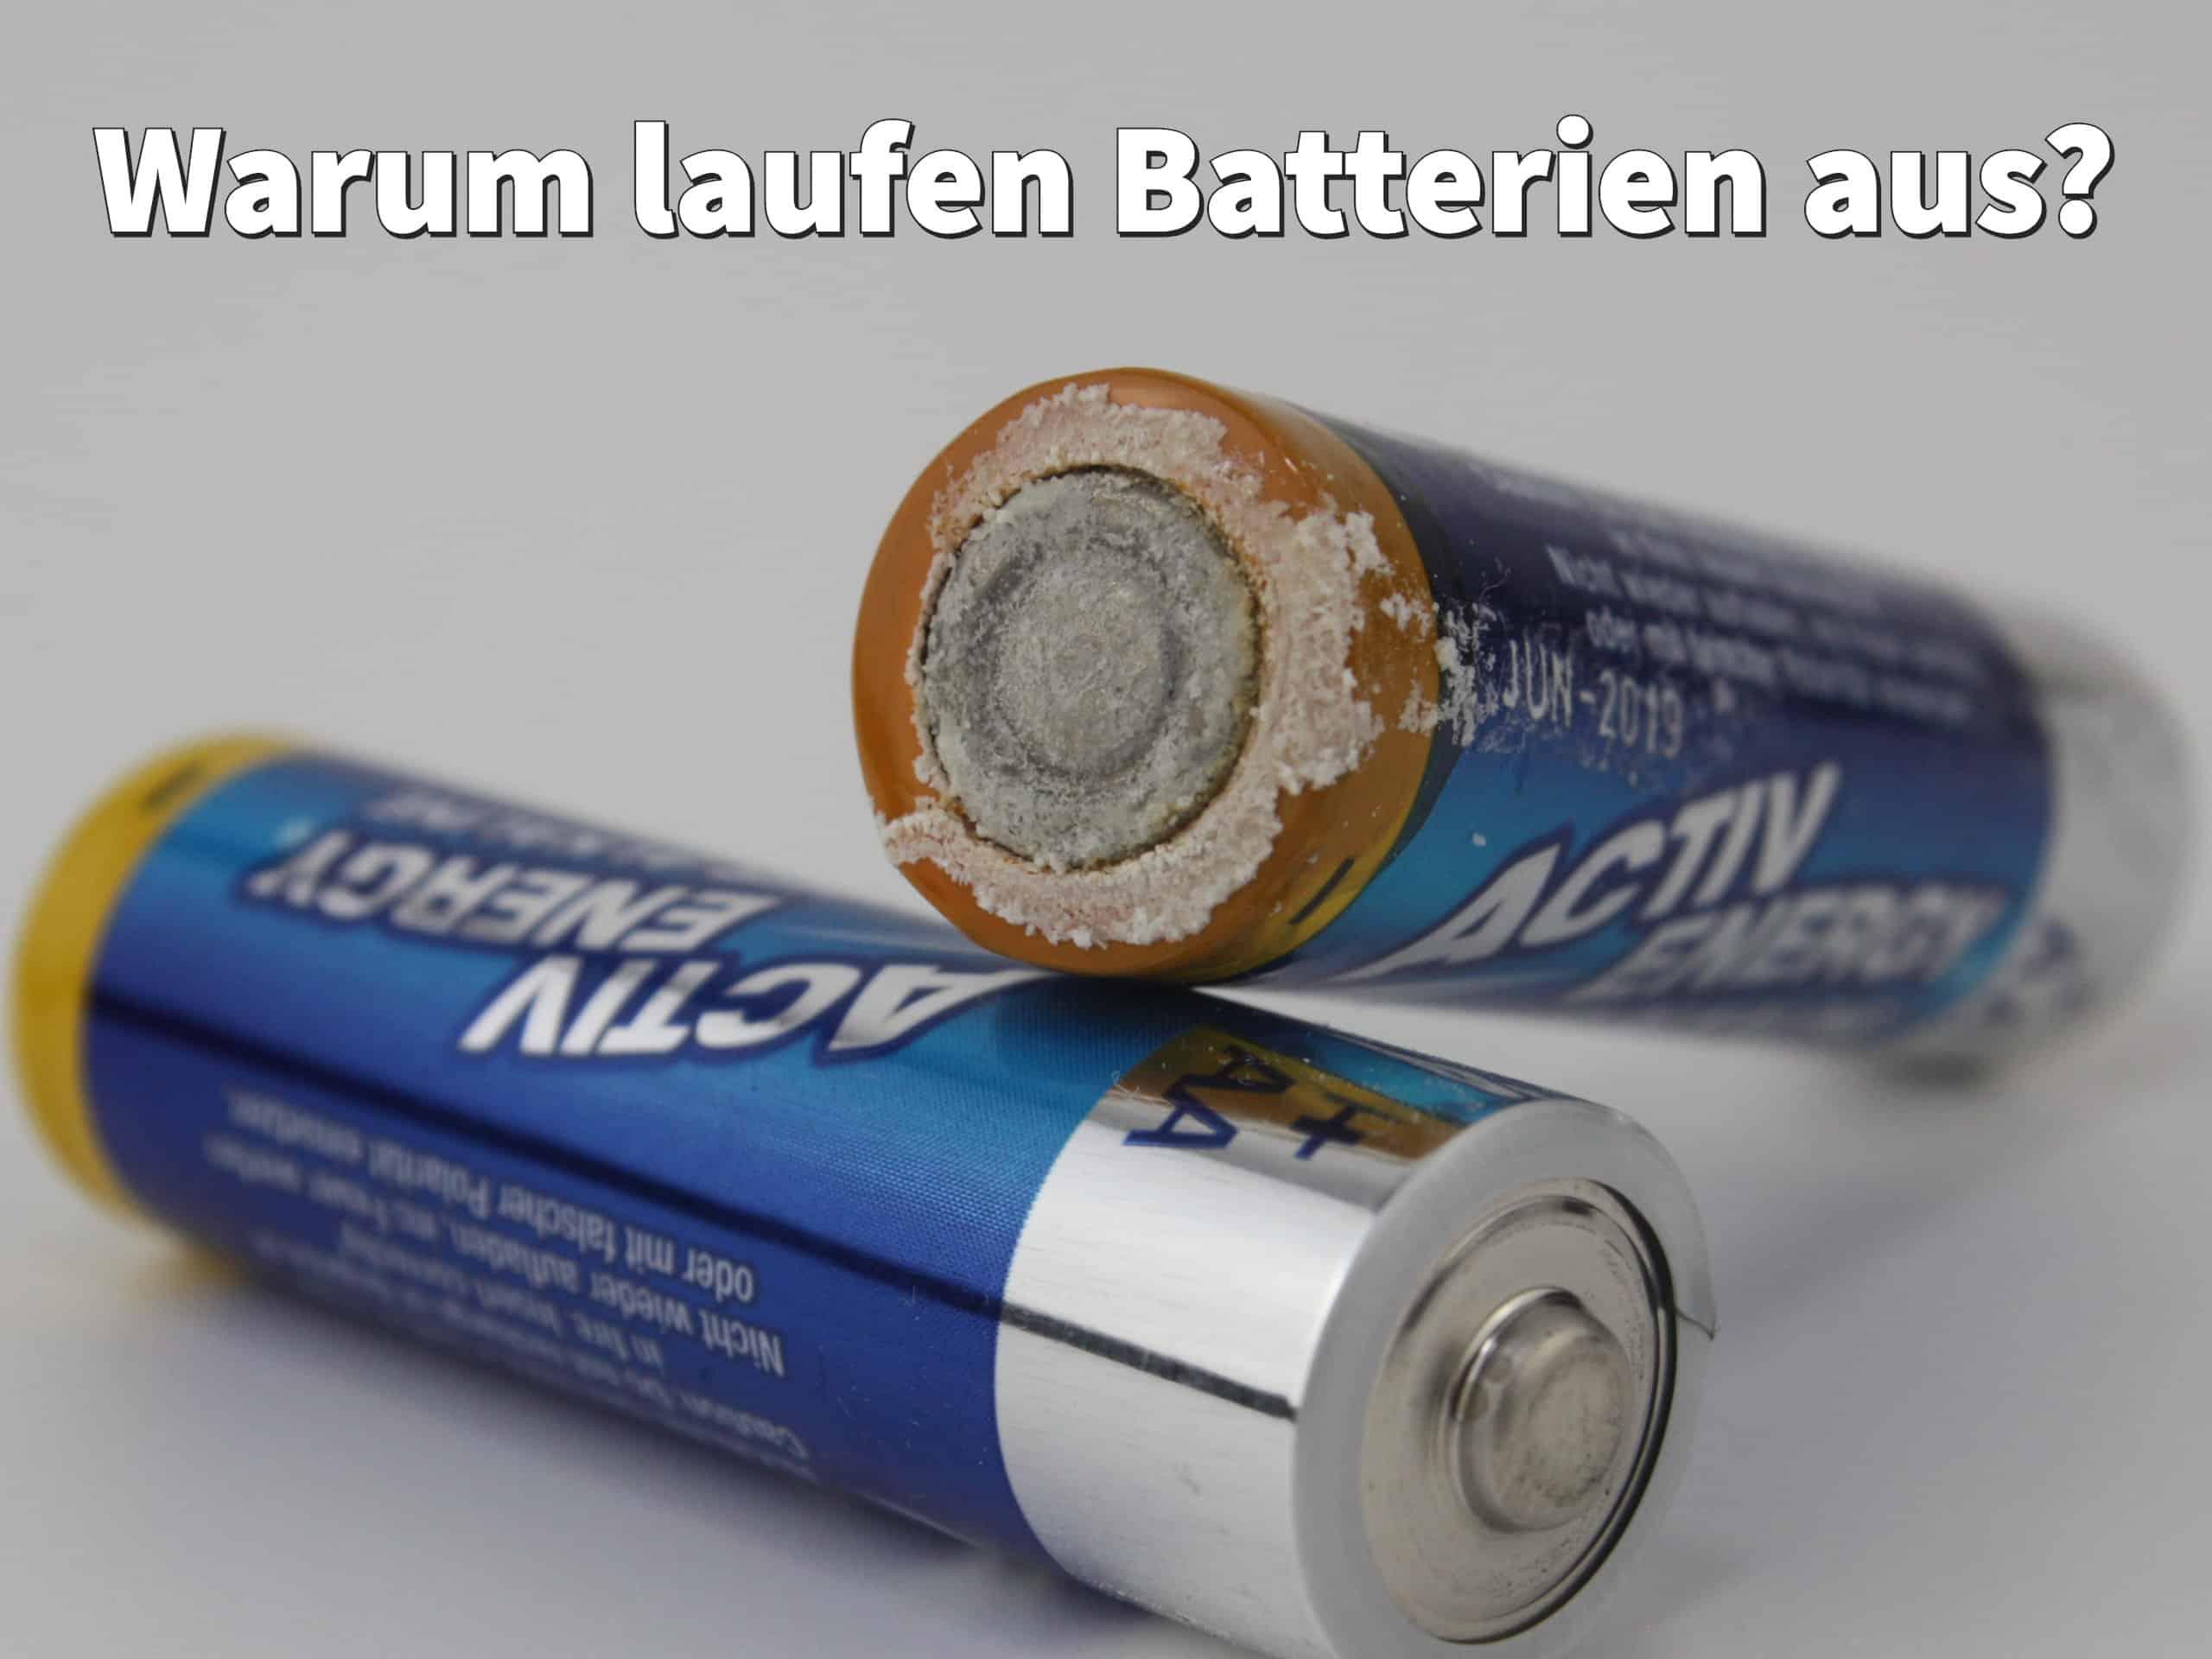 Warum laufen Batterien aus?